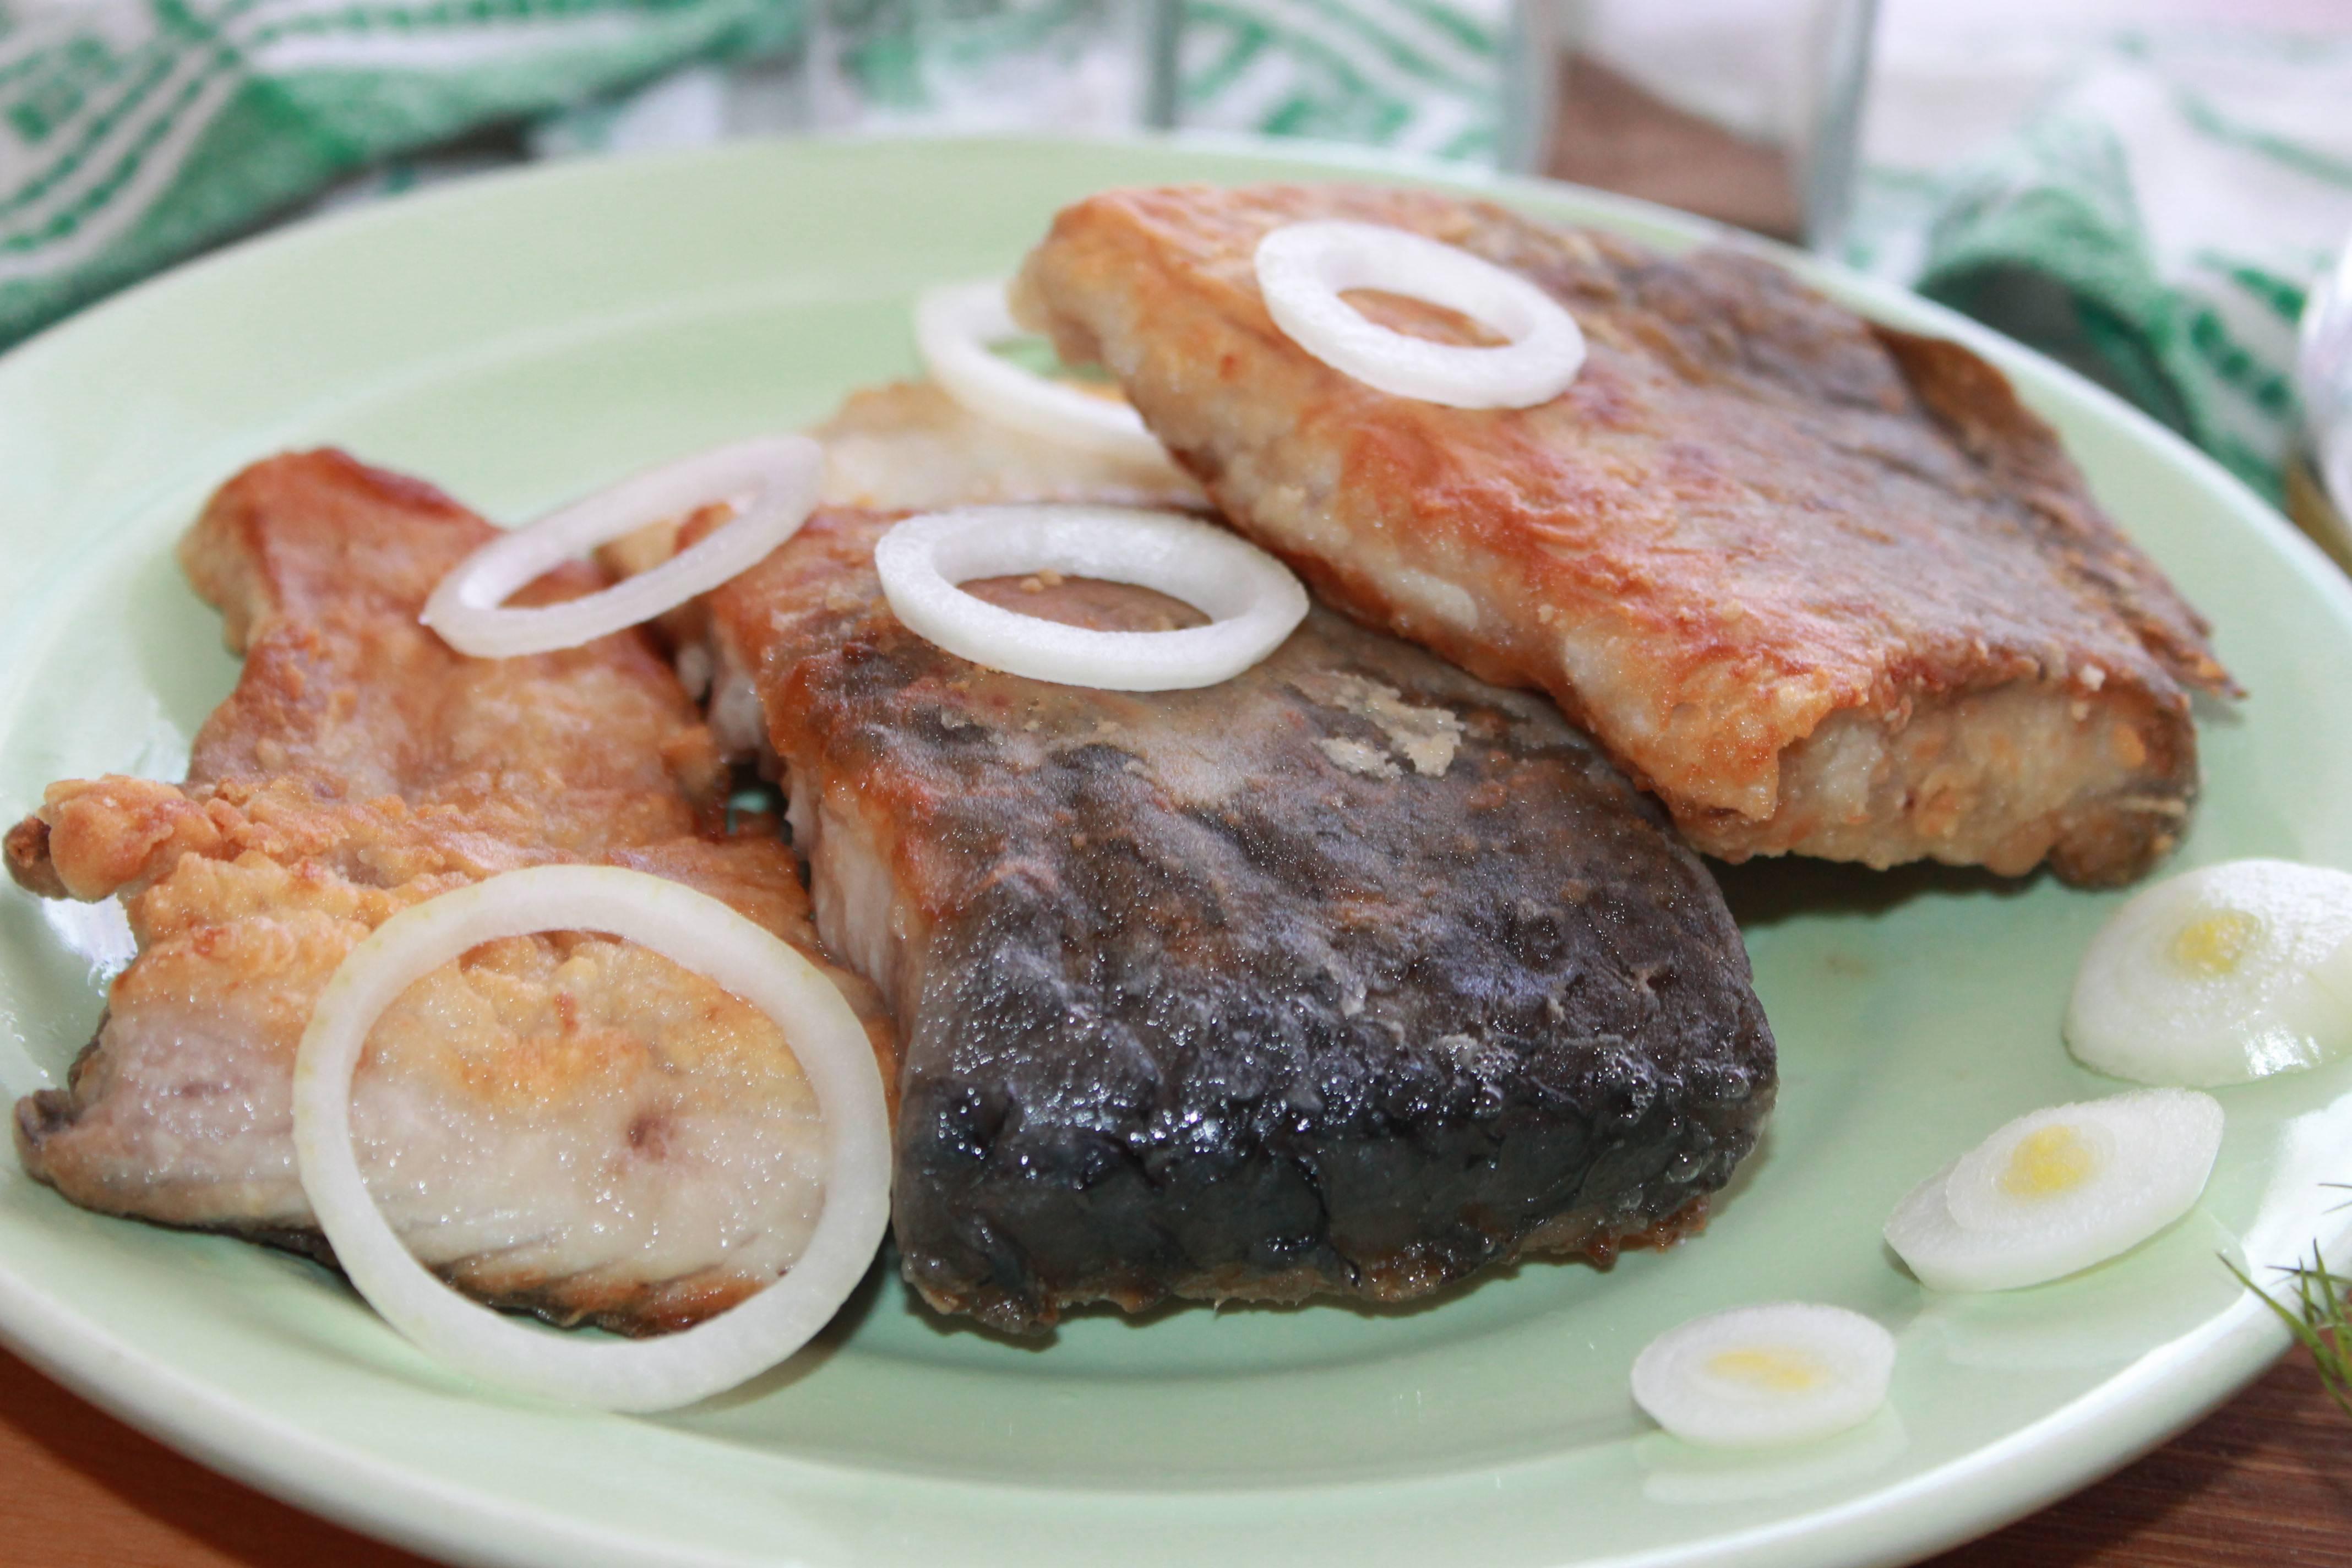 Жарка рыбы без костей: какая рыба подходит и как жарить вкусно